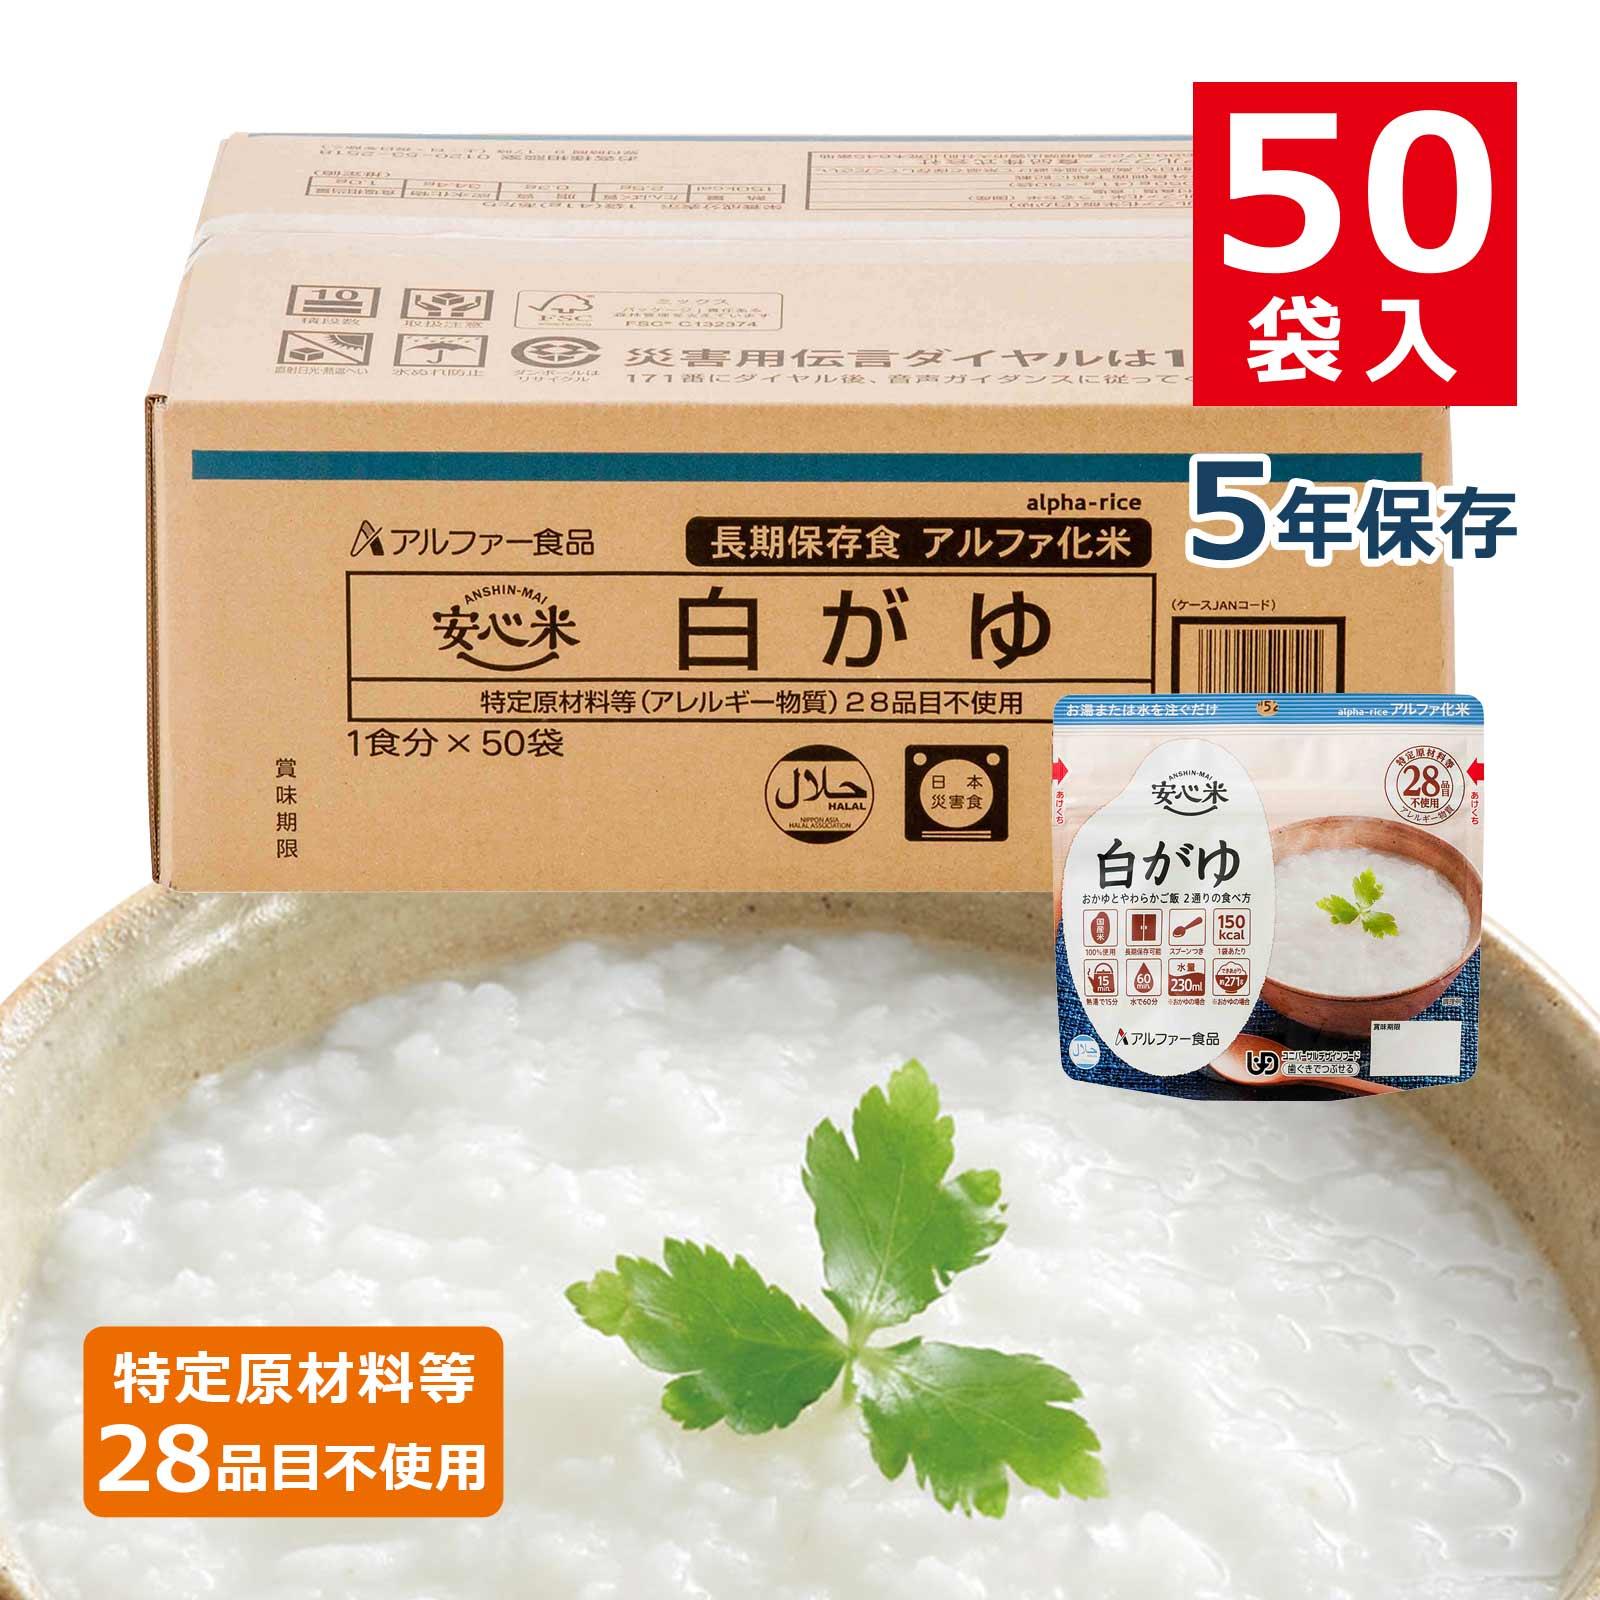 安心米(アルファ化米)個食 白がゆ 50袋入画像